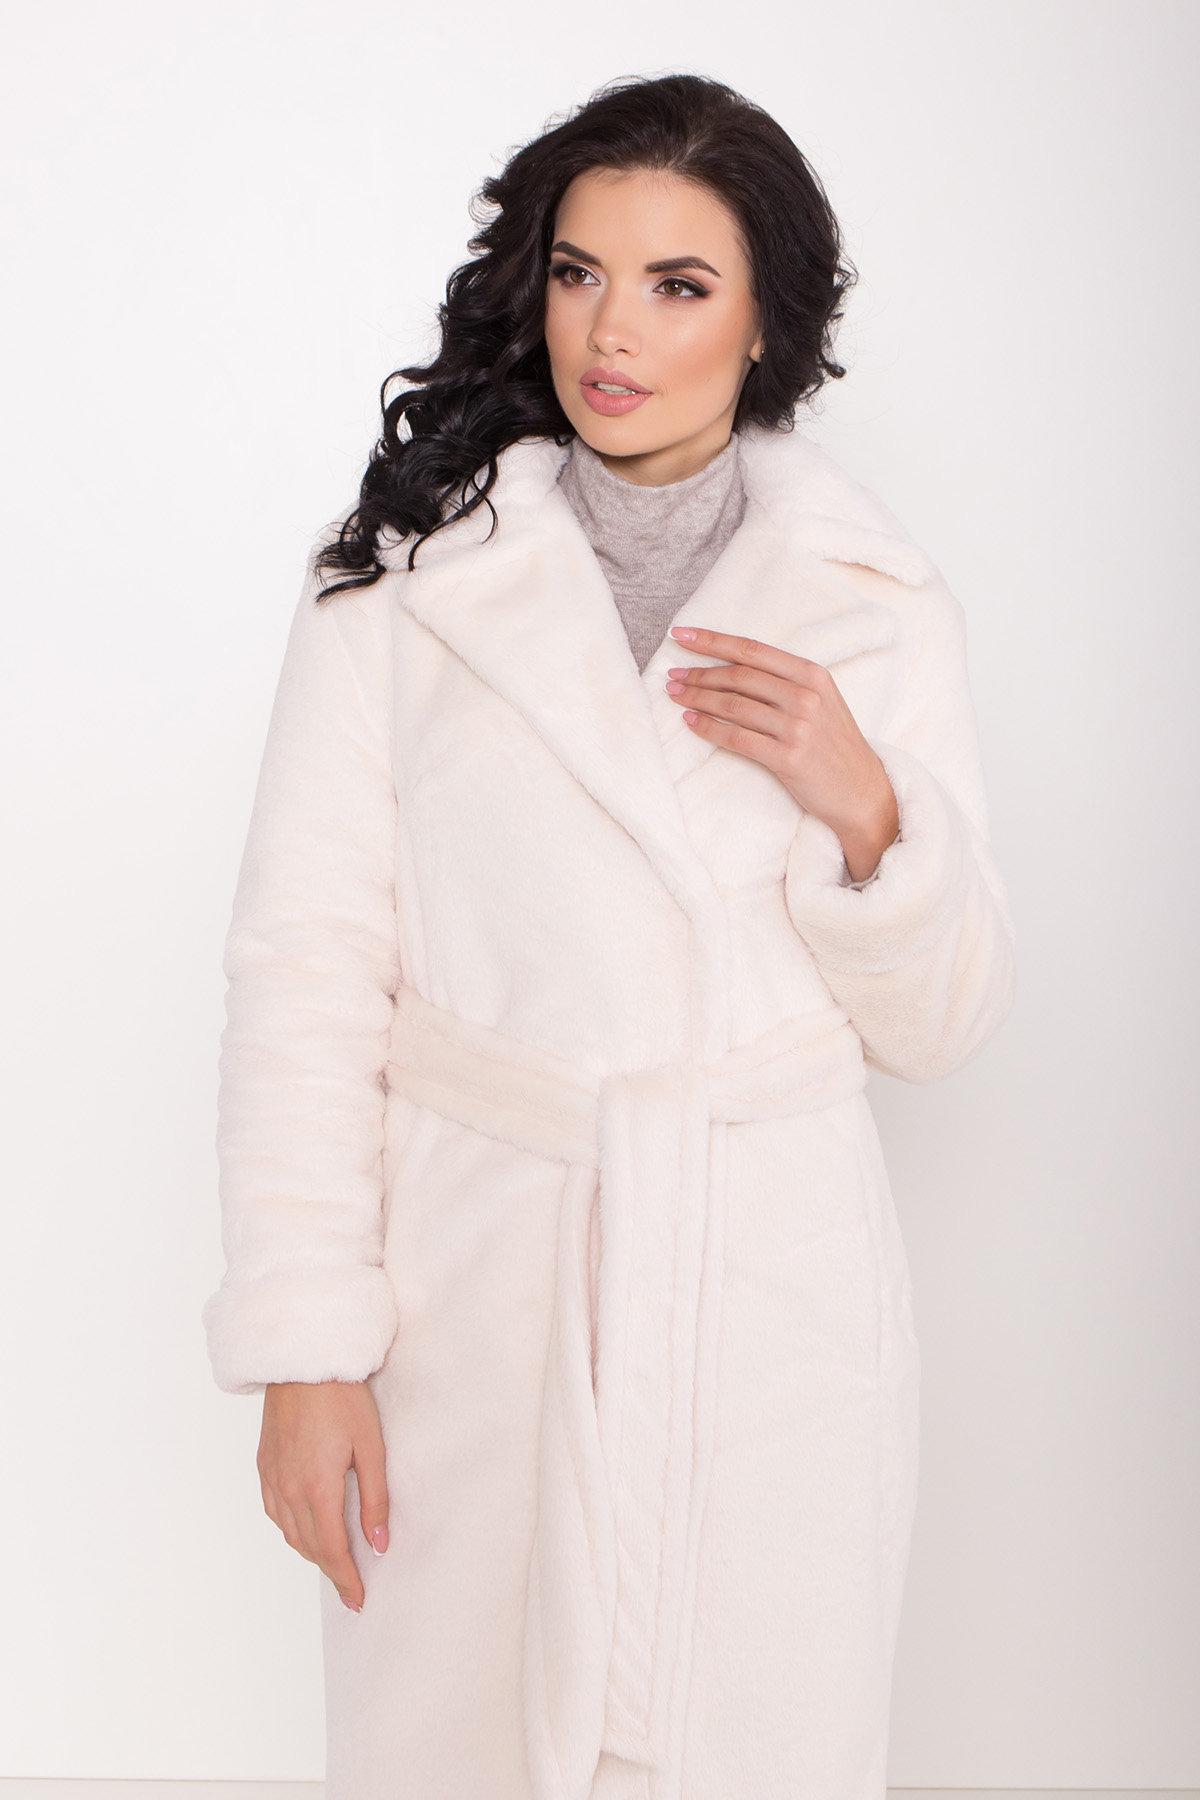 Зимнее пальто из искусственного меха норки Саманта 8641 АРТ. 44957 Цвет: Молоко - фото 14, интернет магазин tm-modus.ru